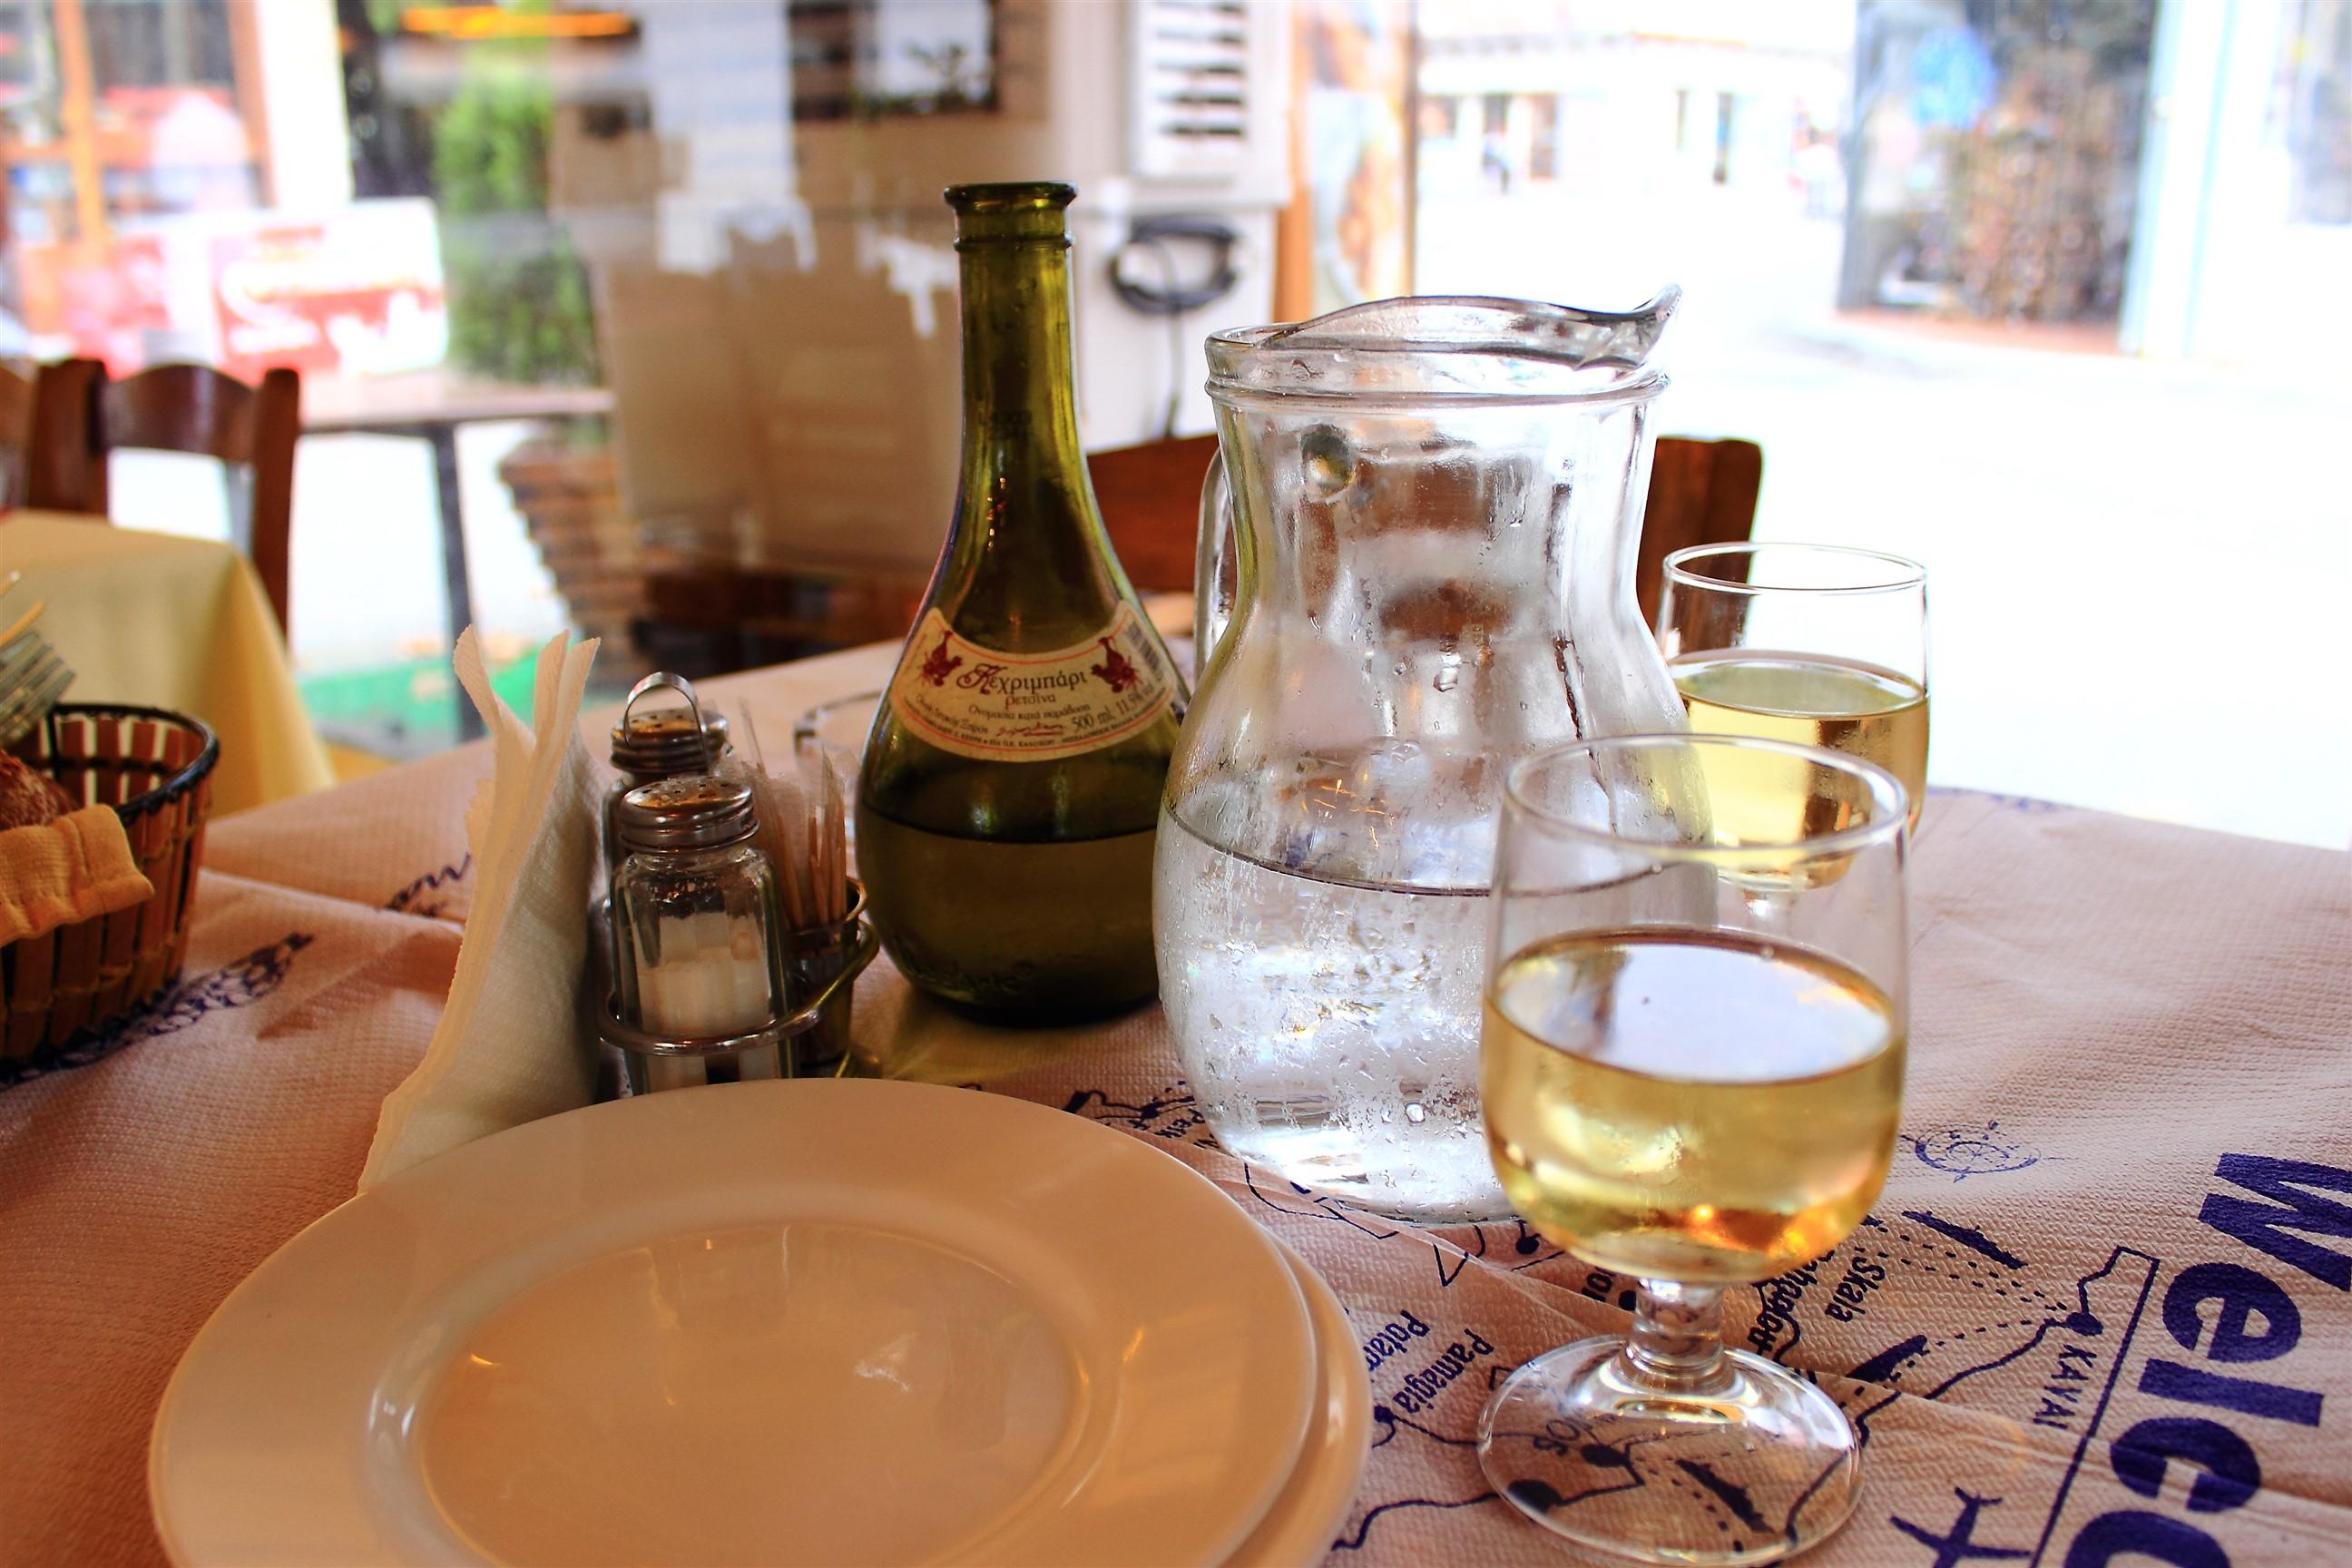 Retsina - greckie wino aromatyzowane, wyrabiane z dodatkiem żywicy sosny alepskiej. Ma mocny, kwaśny smak, który świetnie gasi pragnienie.